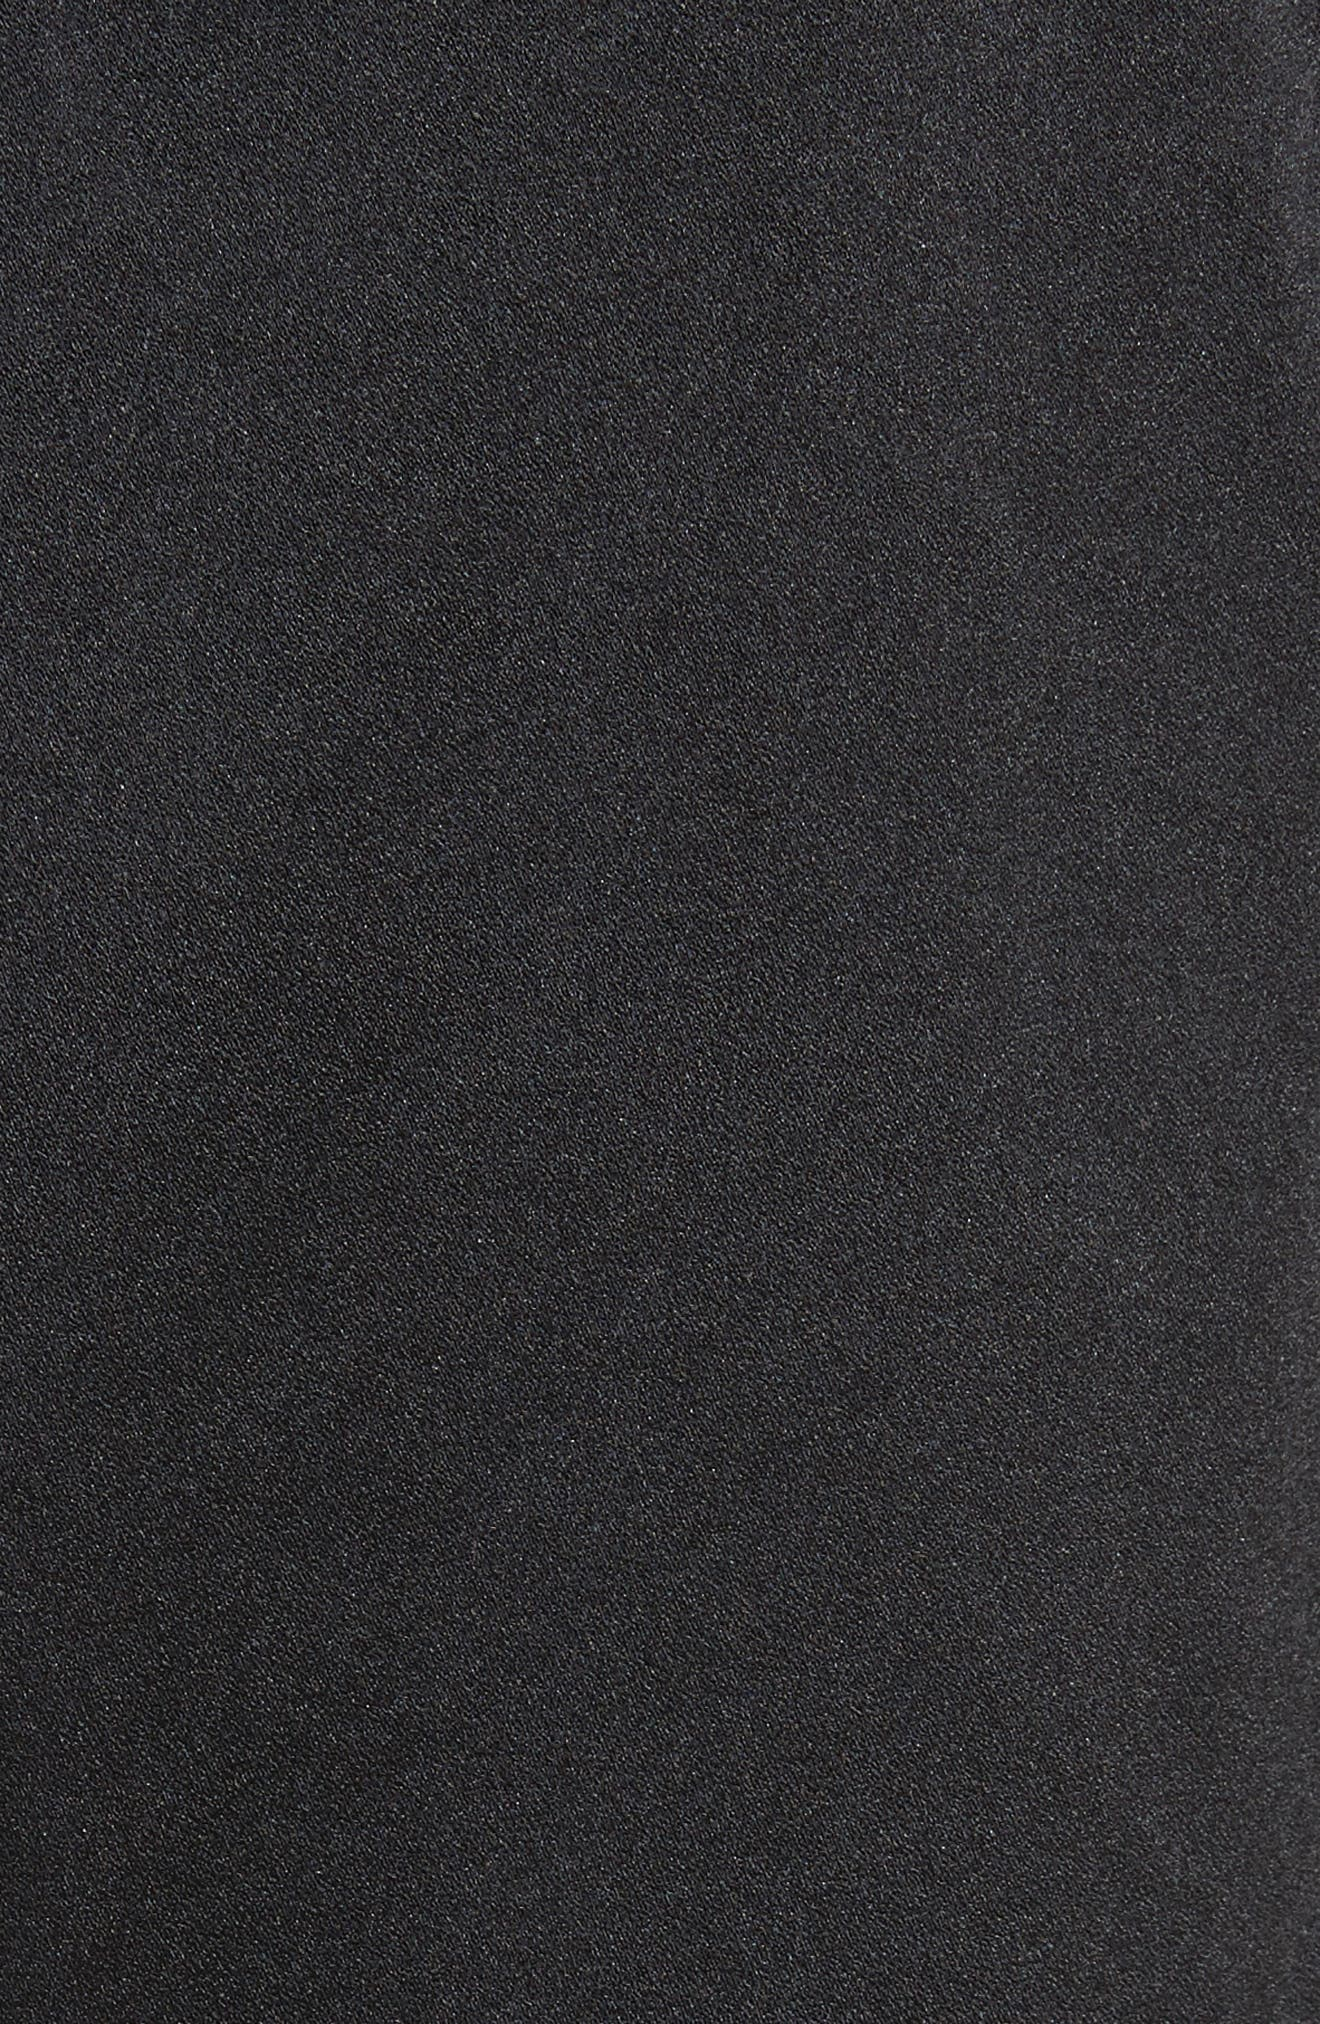 Satin Drawstring Pants,                             Alternate thumbnail 5, color,                             Black